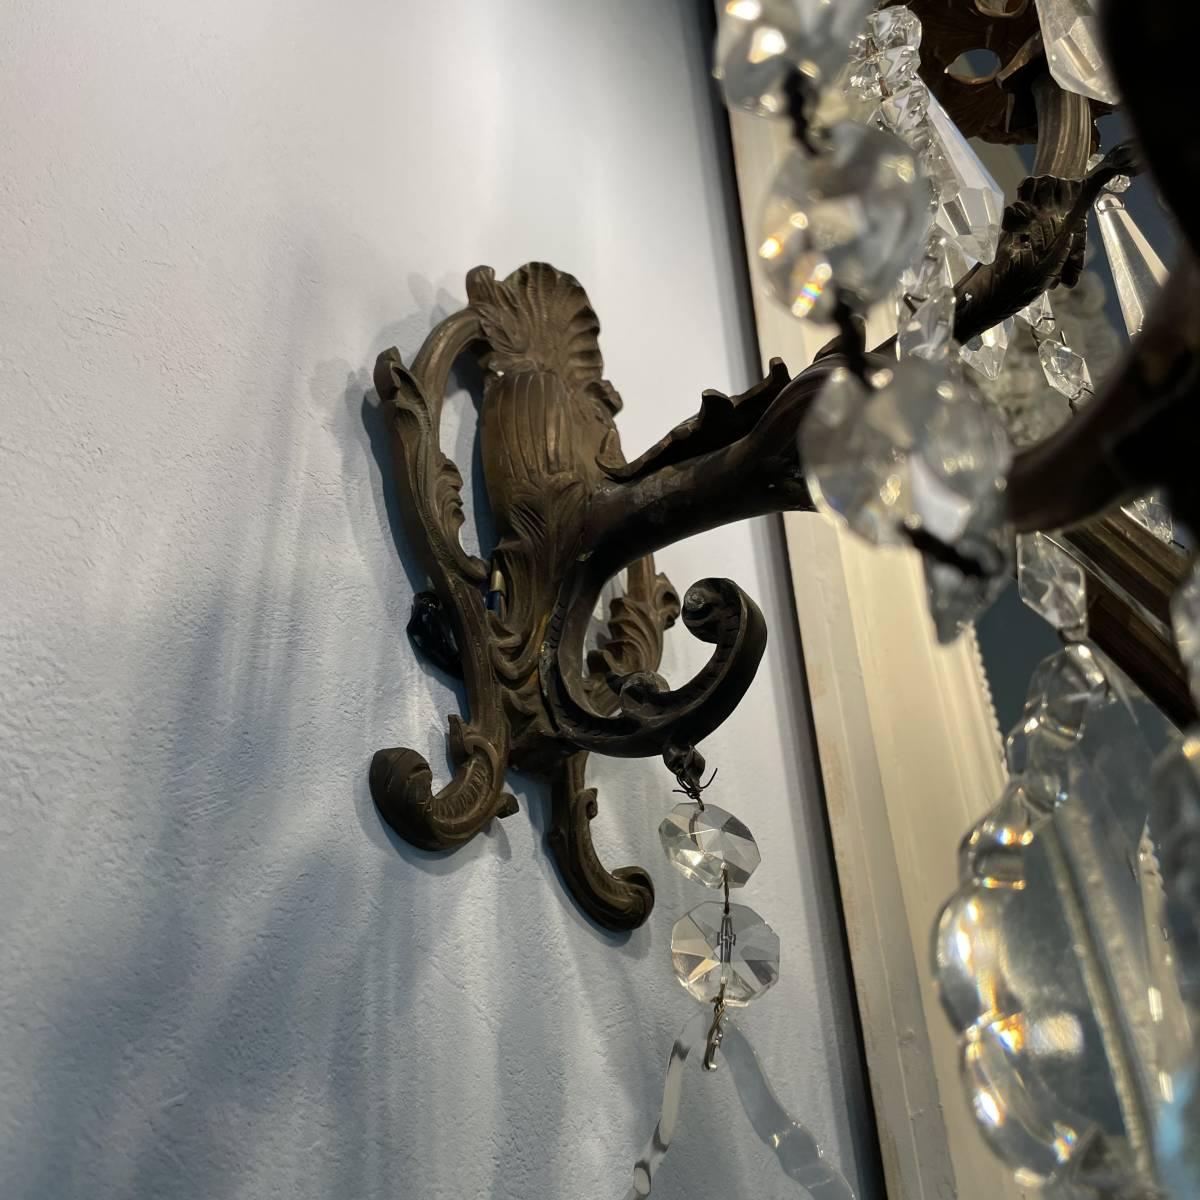 フランスアンティーク ブラケットペア 壁掛け照明 アンティーク照明 アンティークシャンデリア ガラスドロップ 壁掛けシャンデリア _画像4